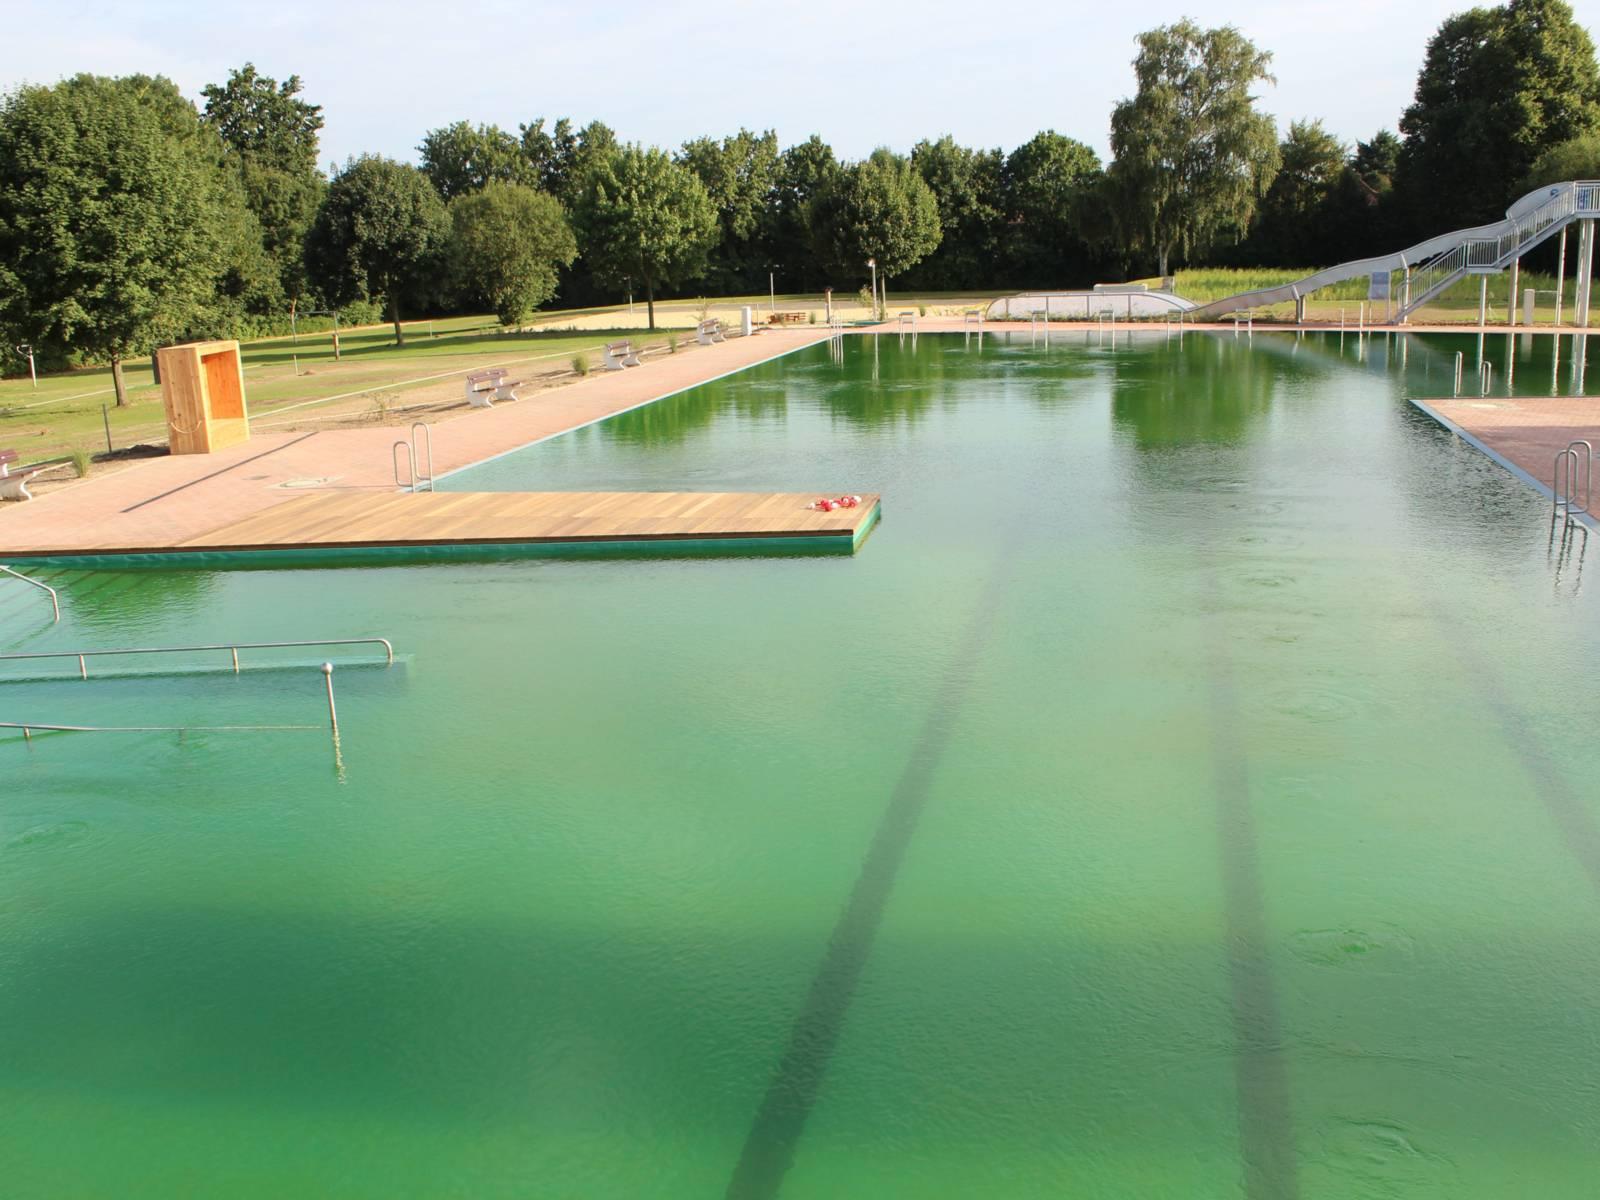 Ein Schwimmbecken, im Hintergrund eine Rutsche mit grünlich schimmerndem Wasser. Auf dem Grund erkennt man die Markierung für die Schwimmbahnen.